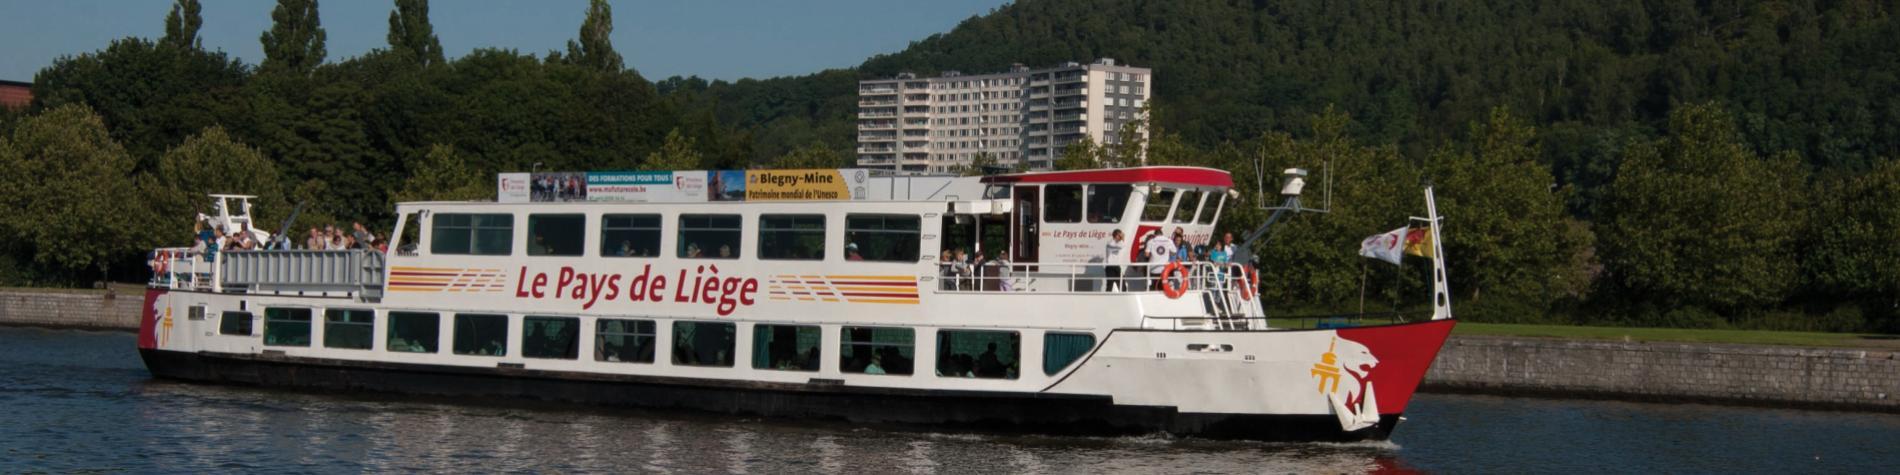 Croisière sur la Meuse - Pays de Liège